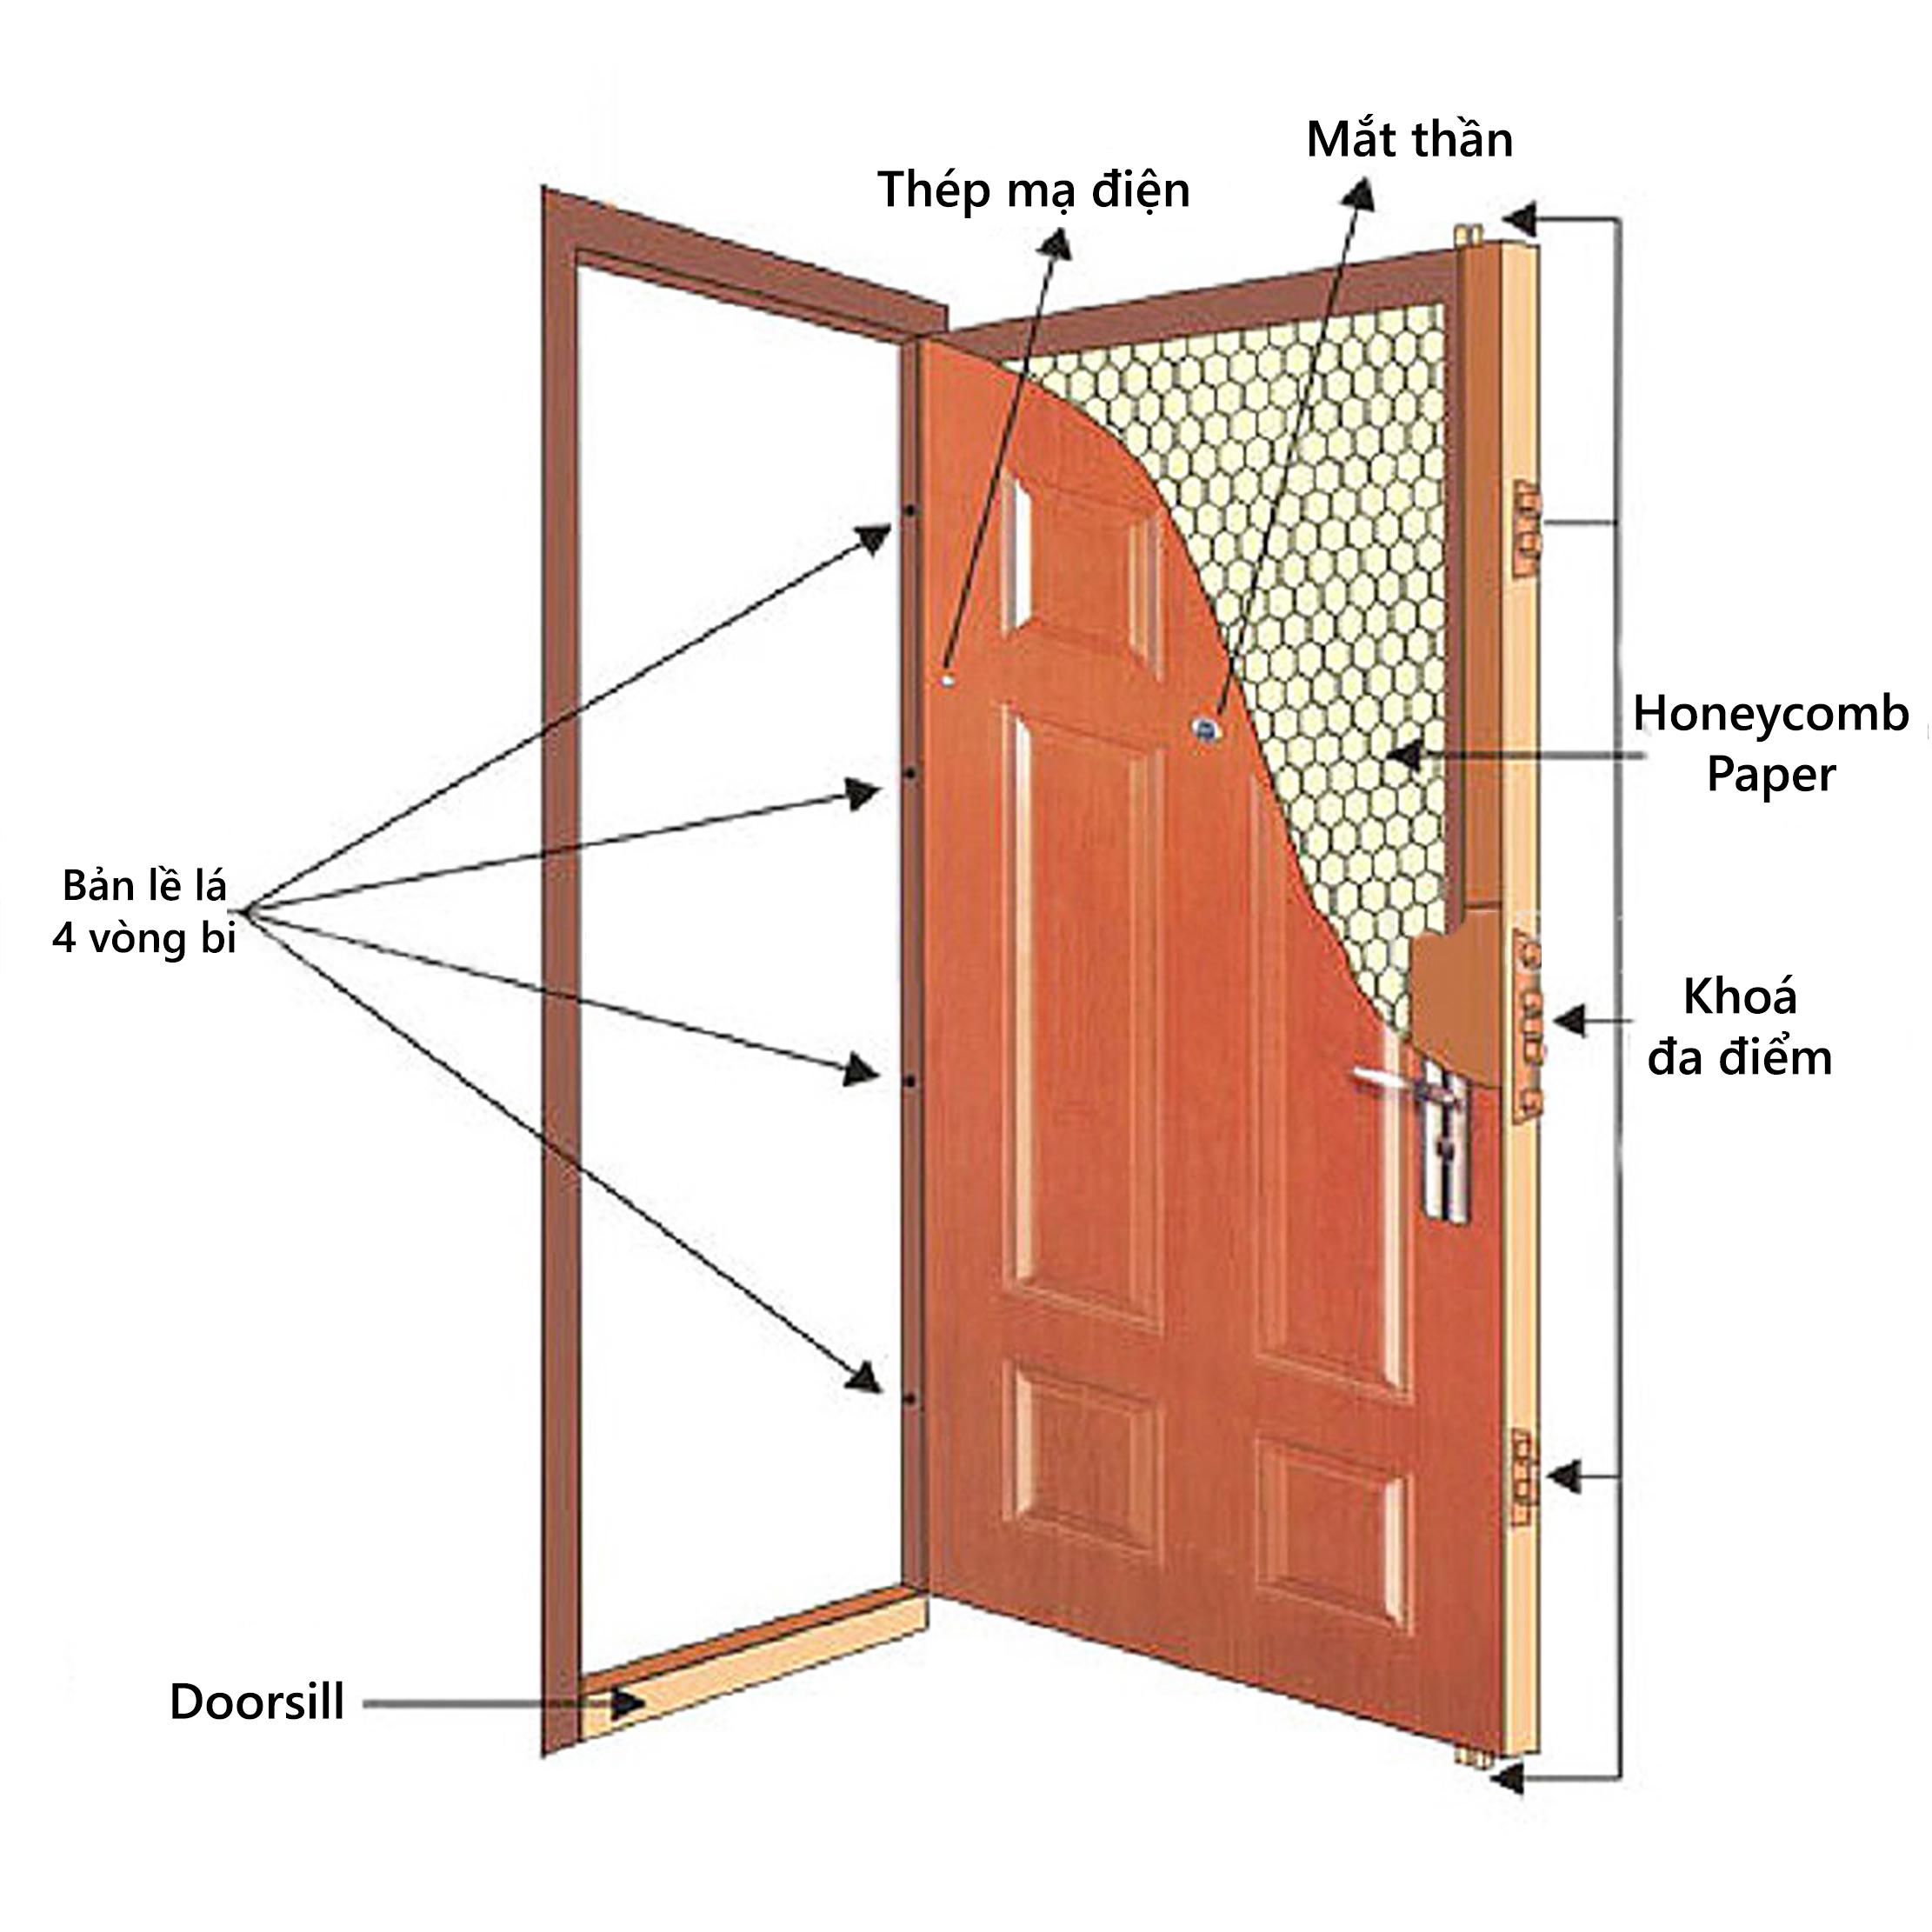 Ưu nhược điểm cửa thép vân gỗ và cửa thép chống cháy